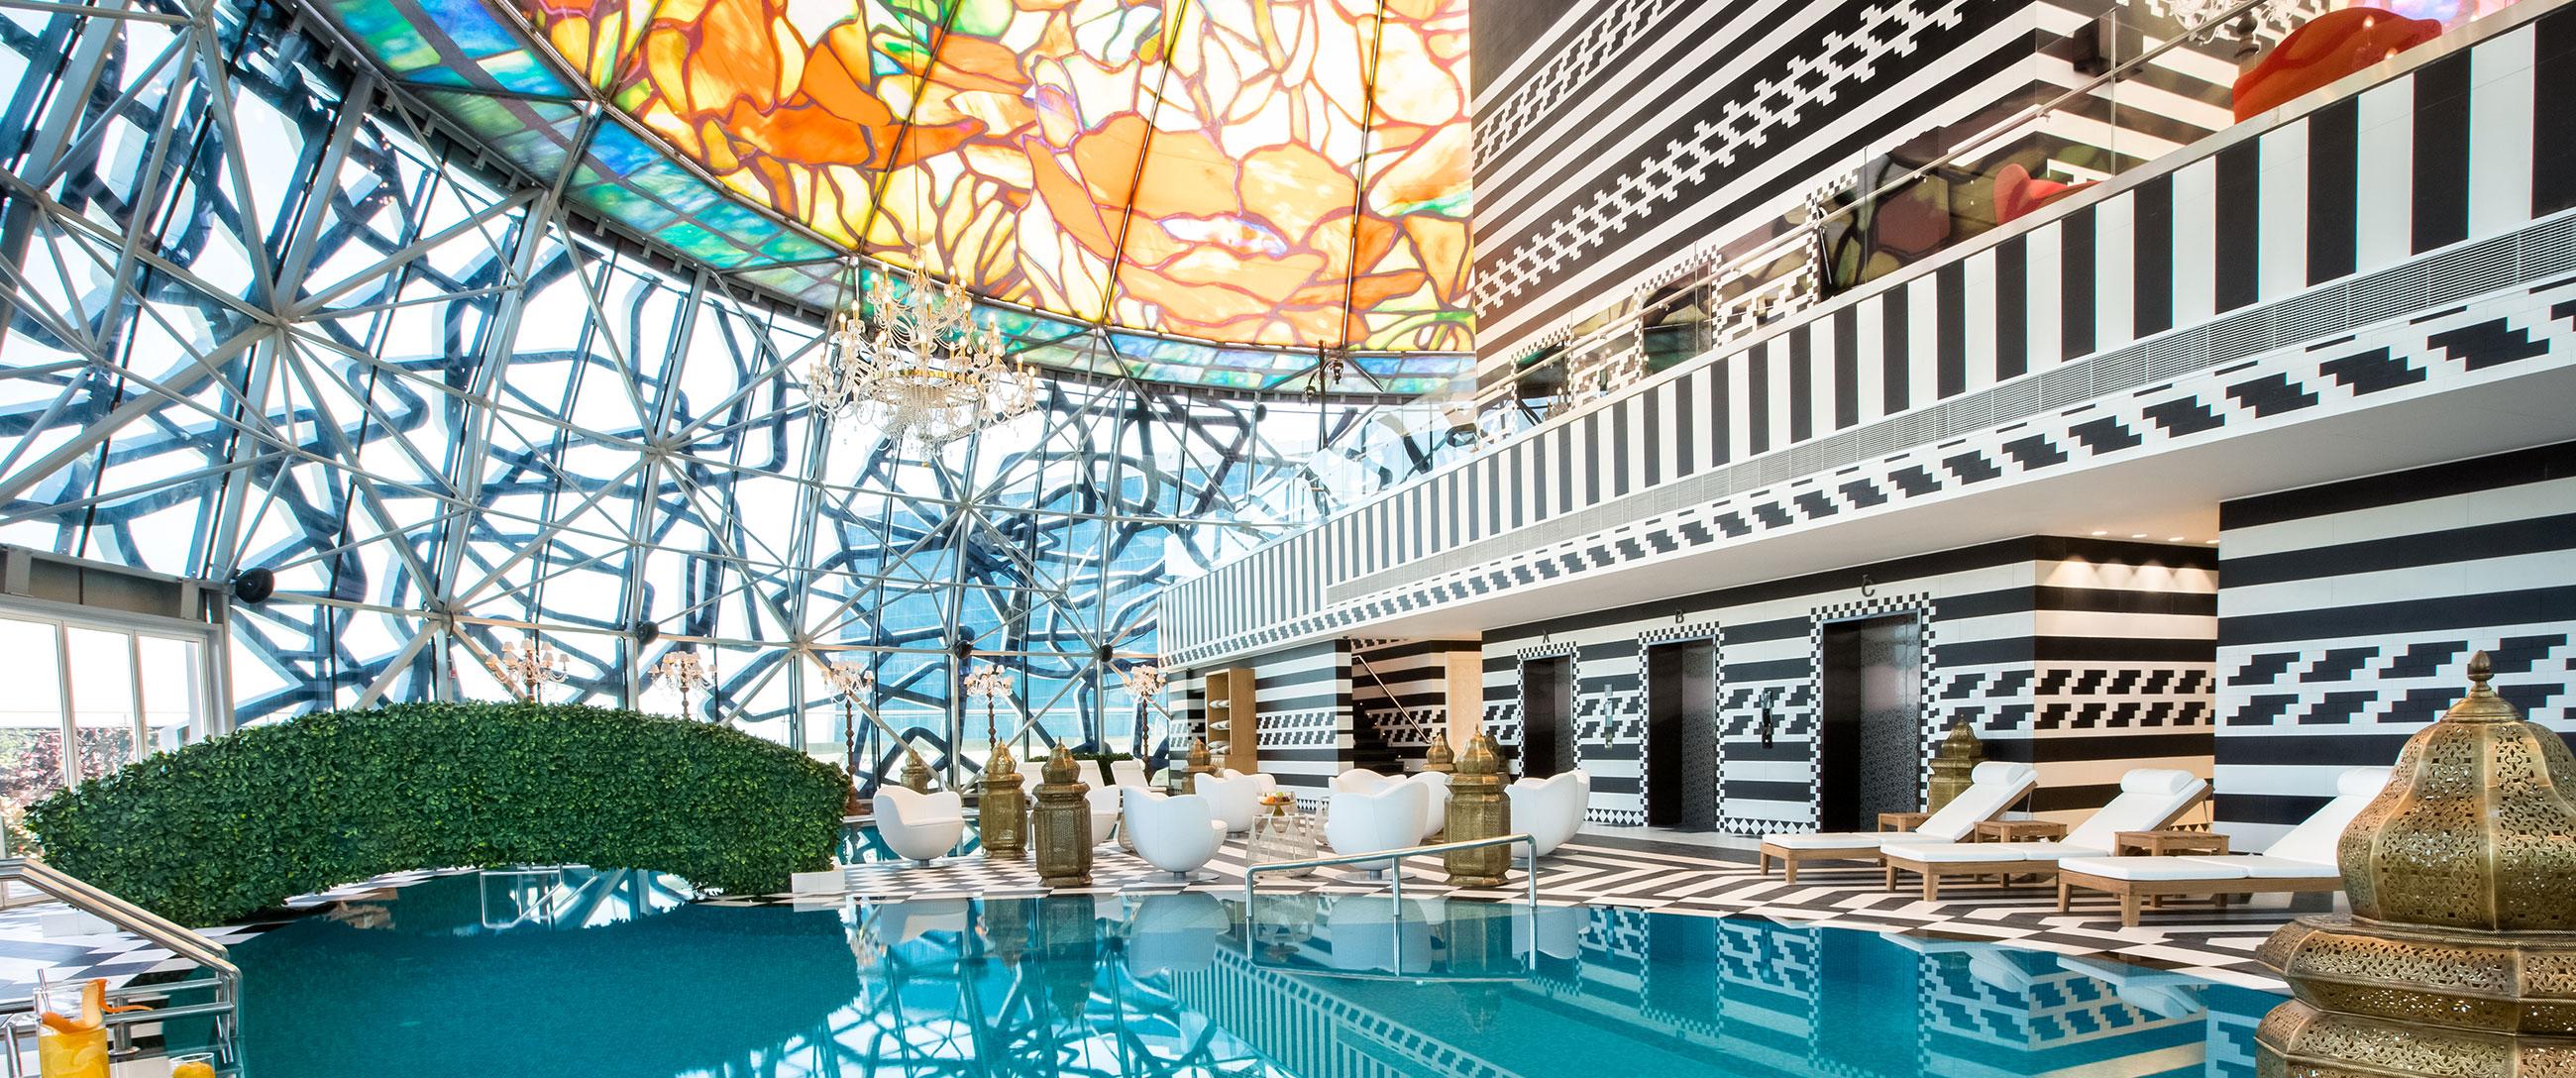 MONDRIAN DOHA HOTEL